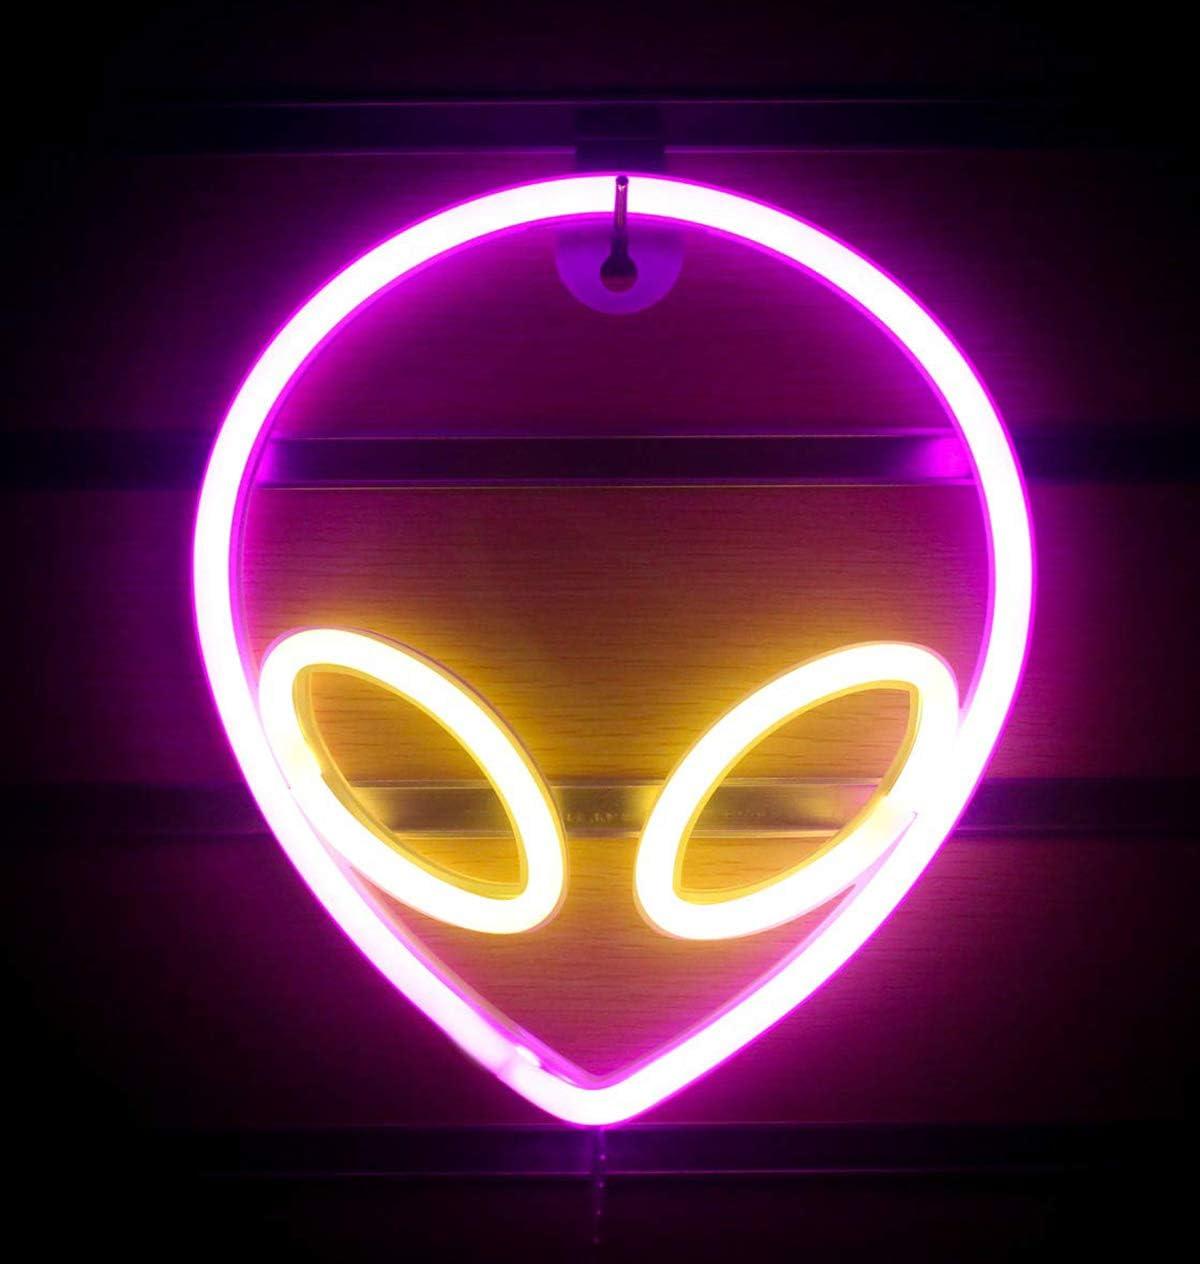 Sfuzwg Alien Neon Light LED Alien Neon Letreros de luz decorativa decoraci/ón de pared luz de pared luz de noche suave colgante fiesta bar para el hogar